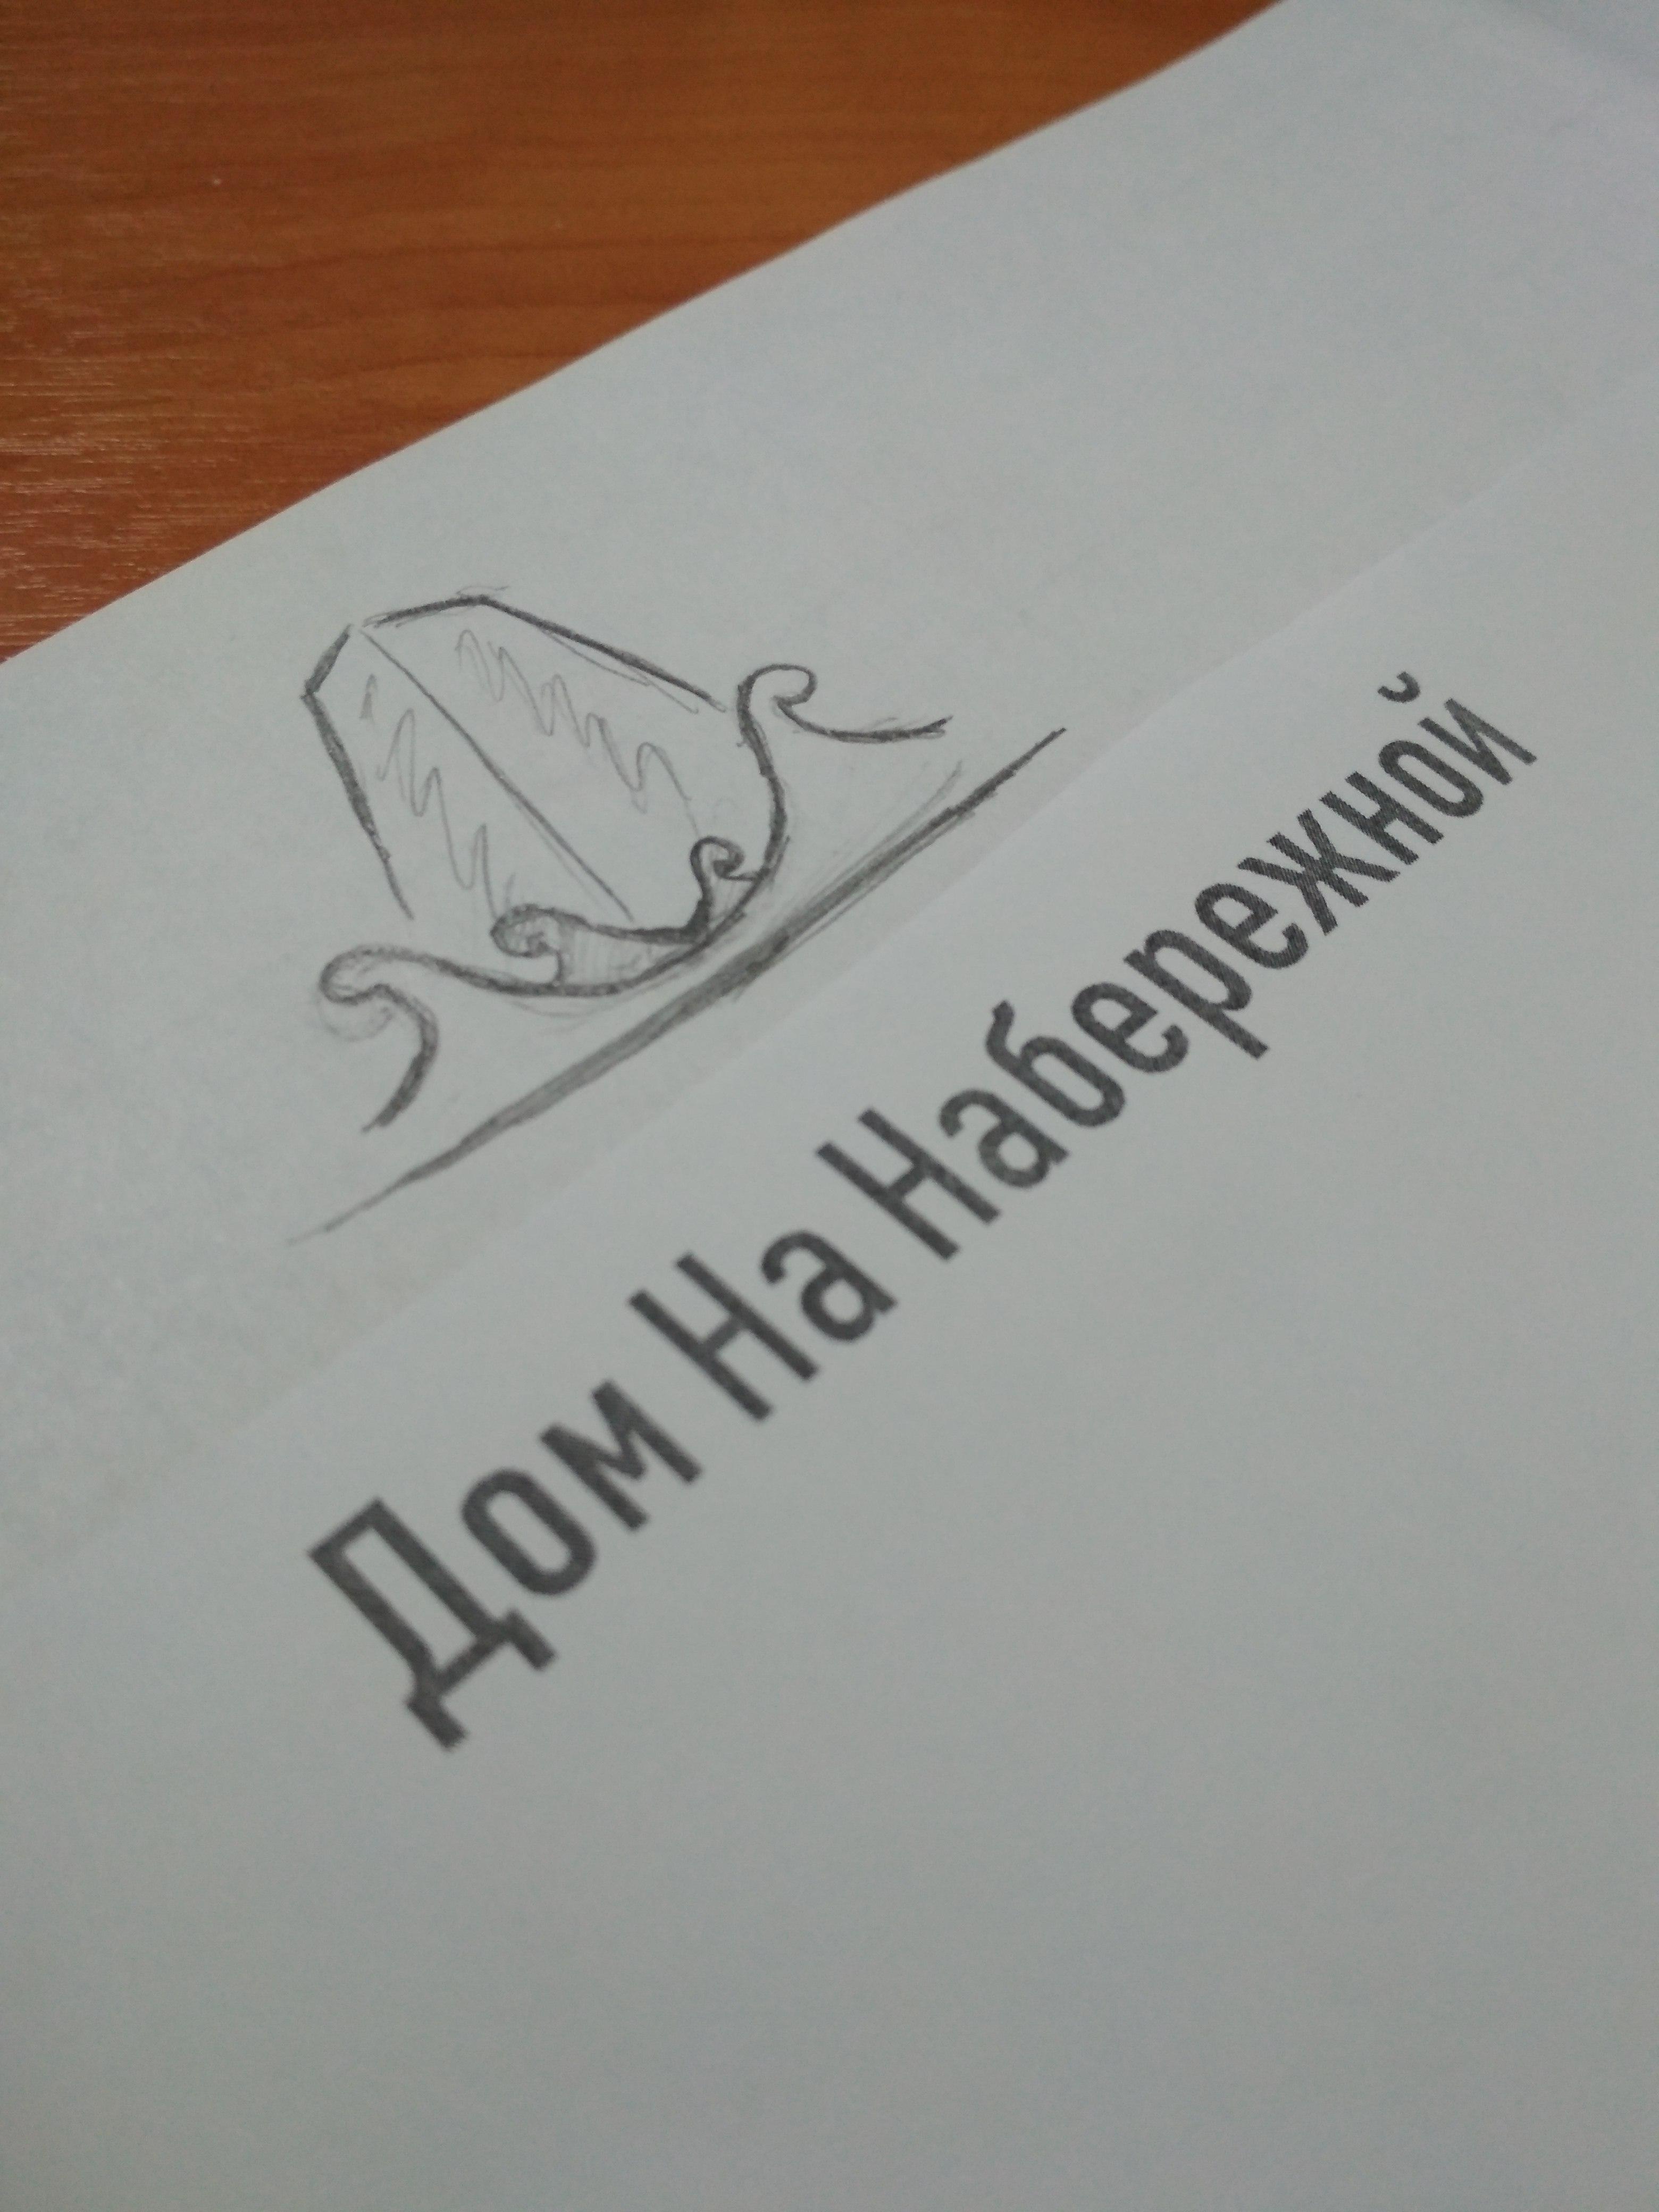 РАЗРАБОТКА логотипа для ЖИЛОГО КОМПЛЕКСА премиум В АНАПЕ.  фото f_3085de79b75c72ee.jpg